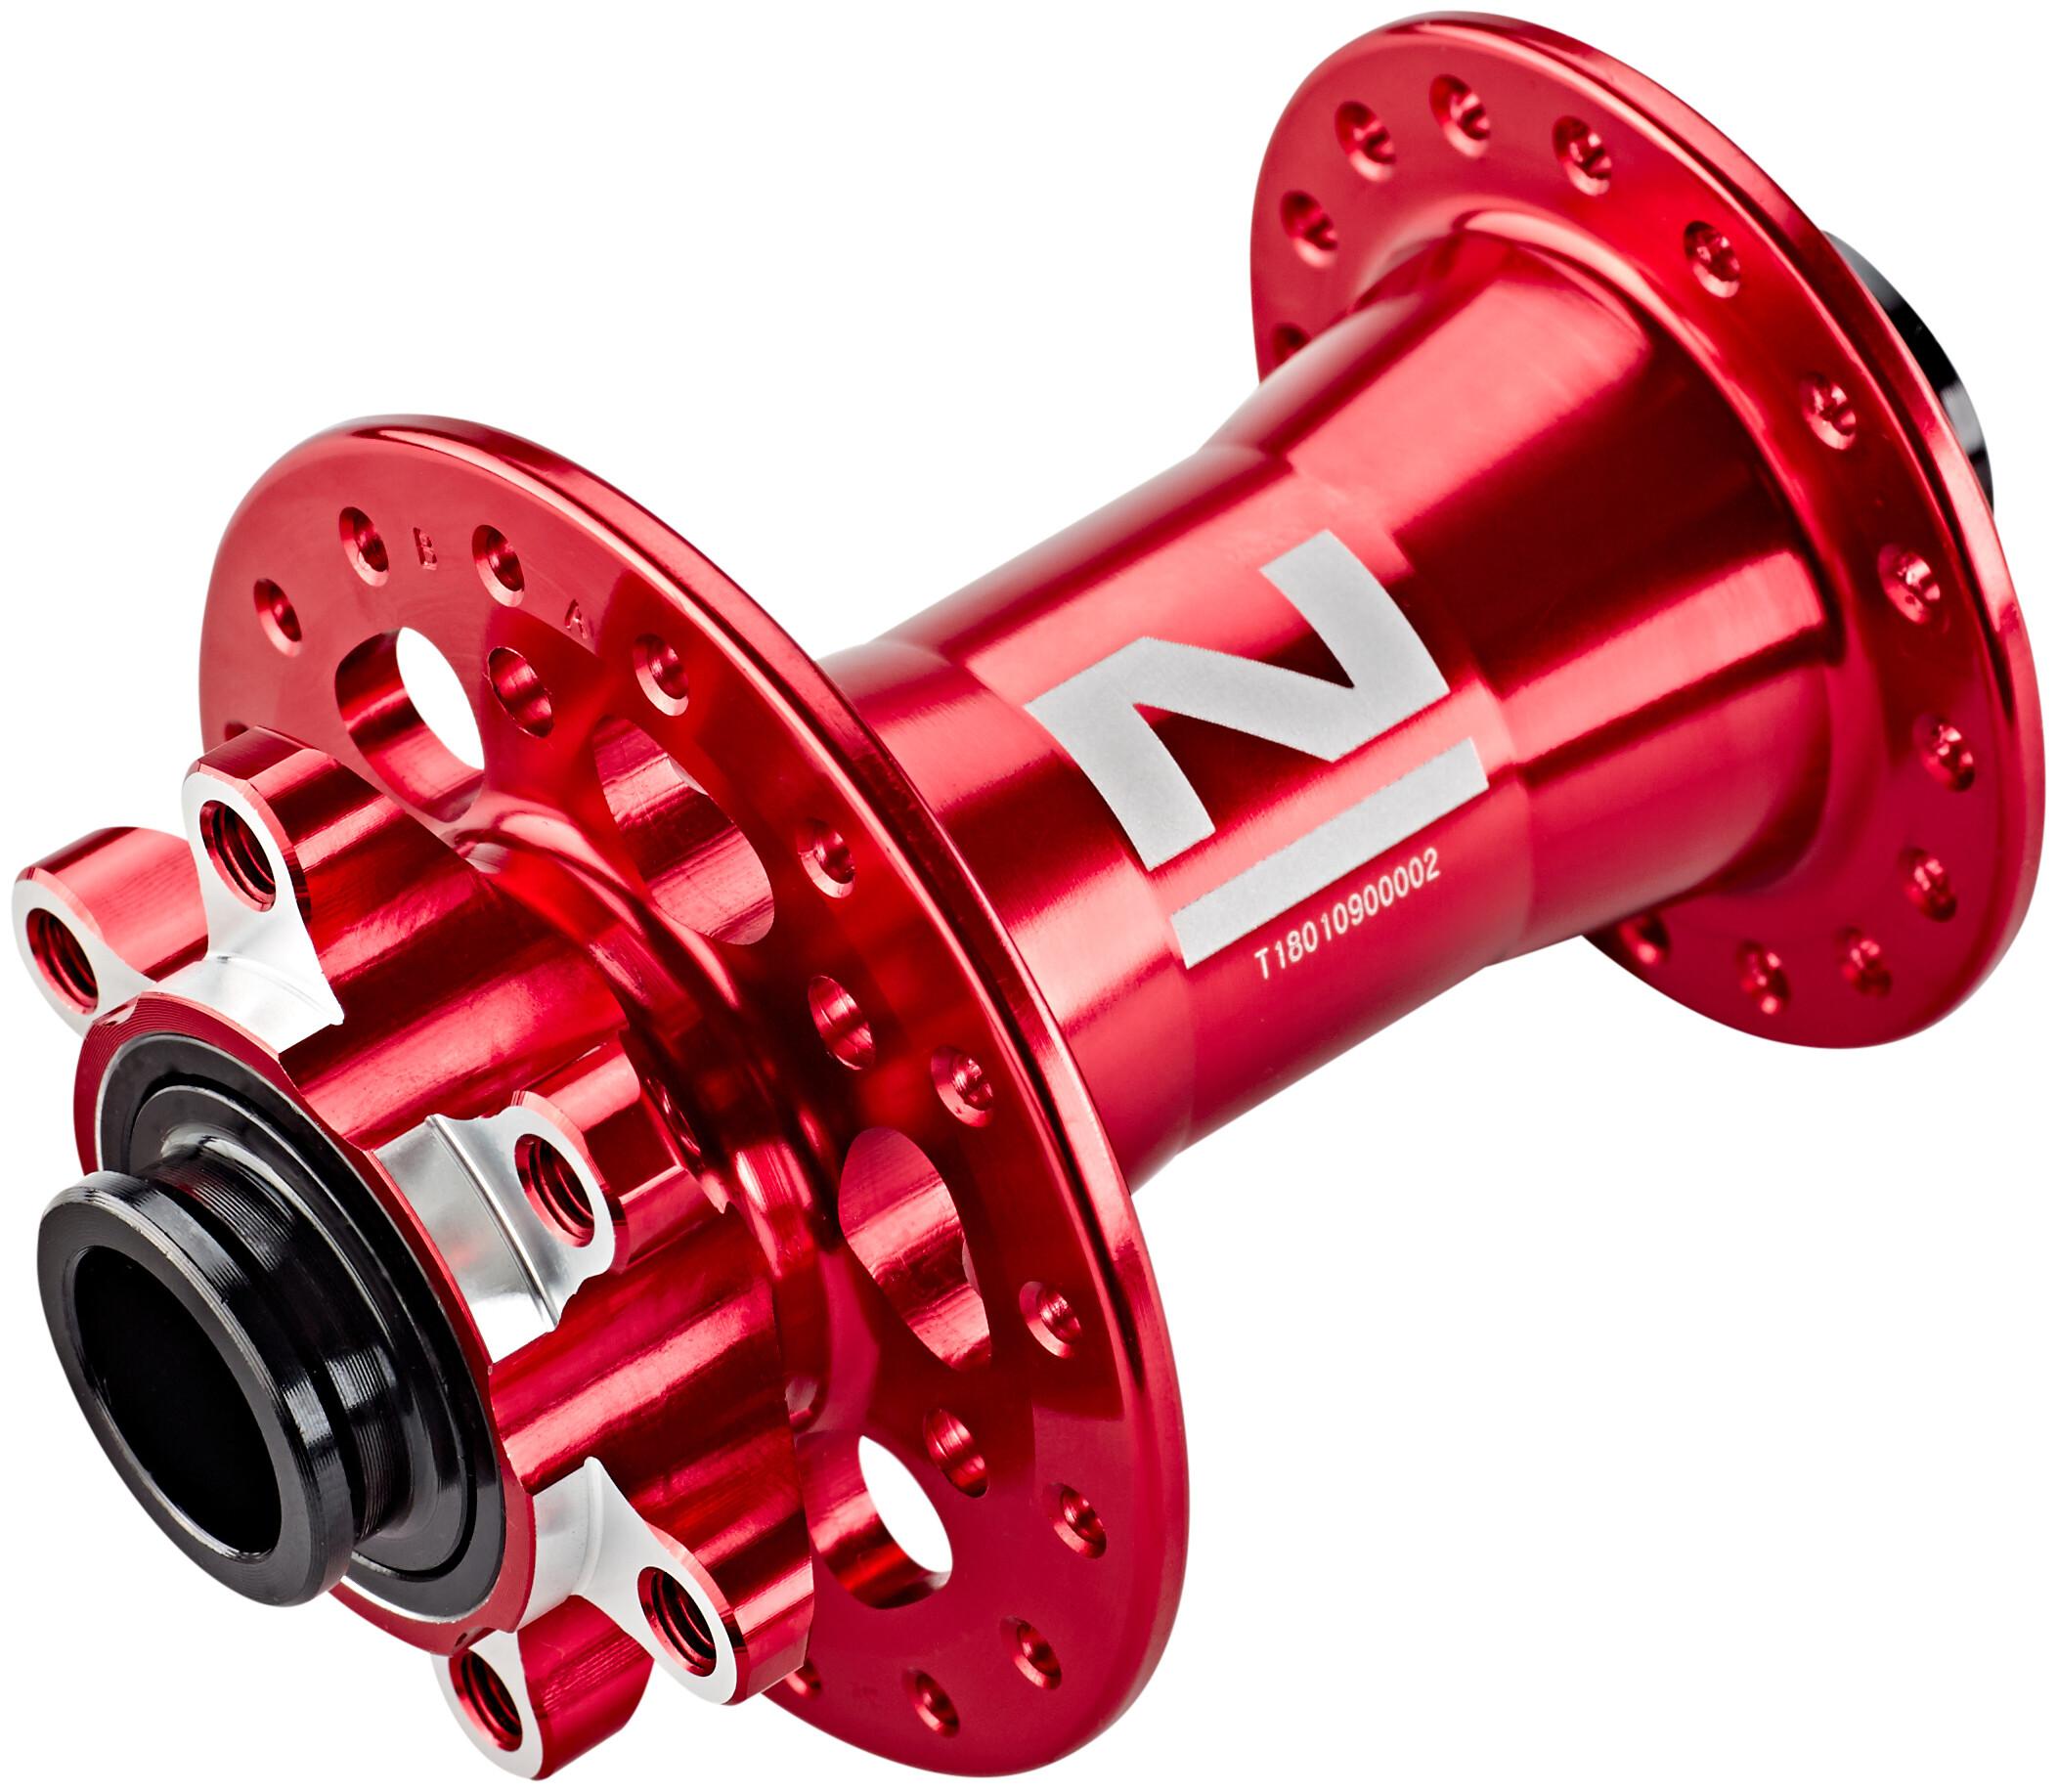 Moyeu VTT Novatec roue avant d791sb-15 SL décor rouge 100//15mm 32 L